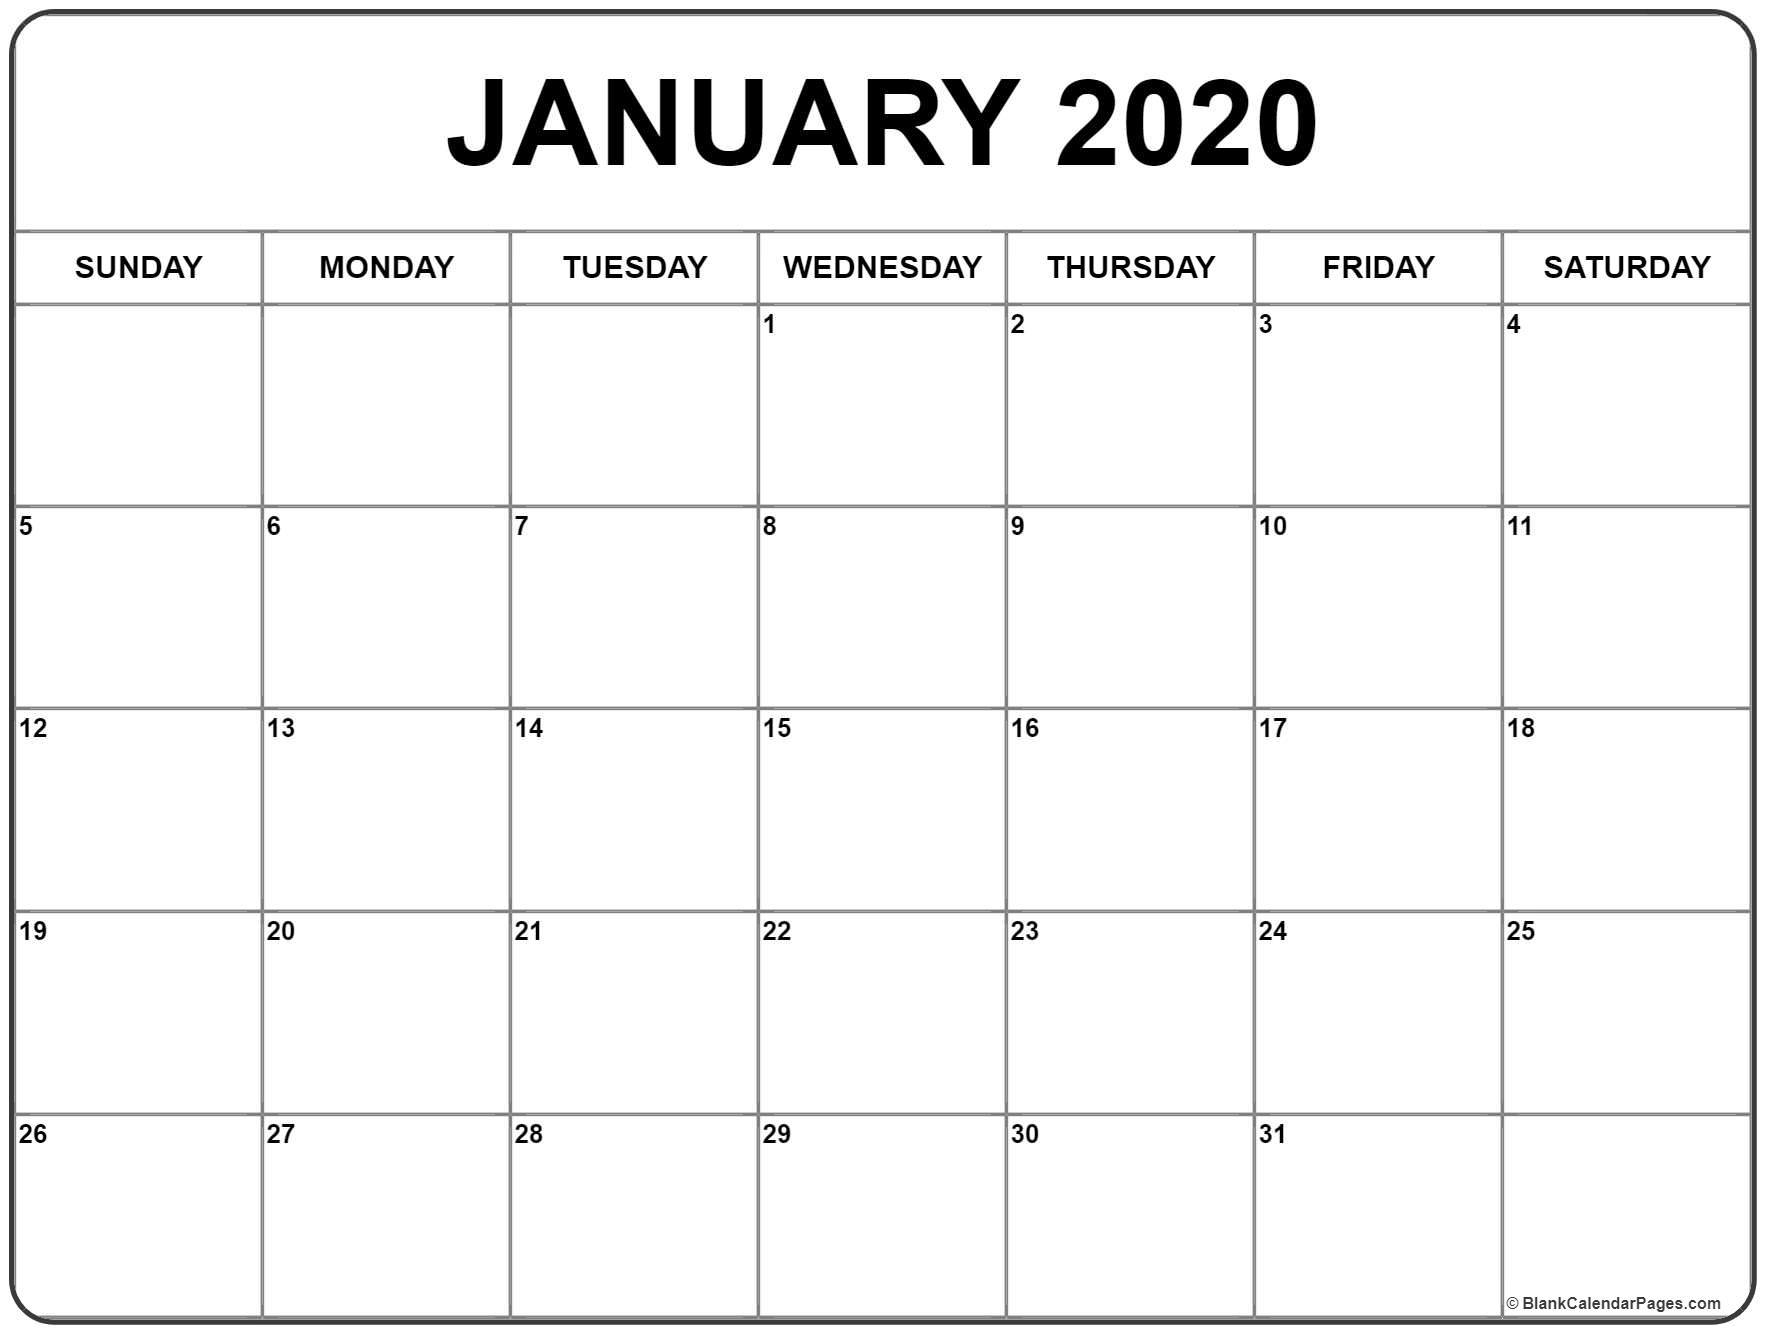 January 2020 Calendar | Free Printable Monthly Calendars for Imom Calendar 2020